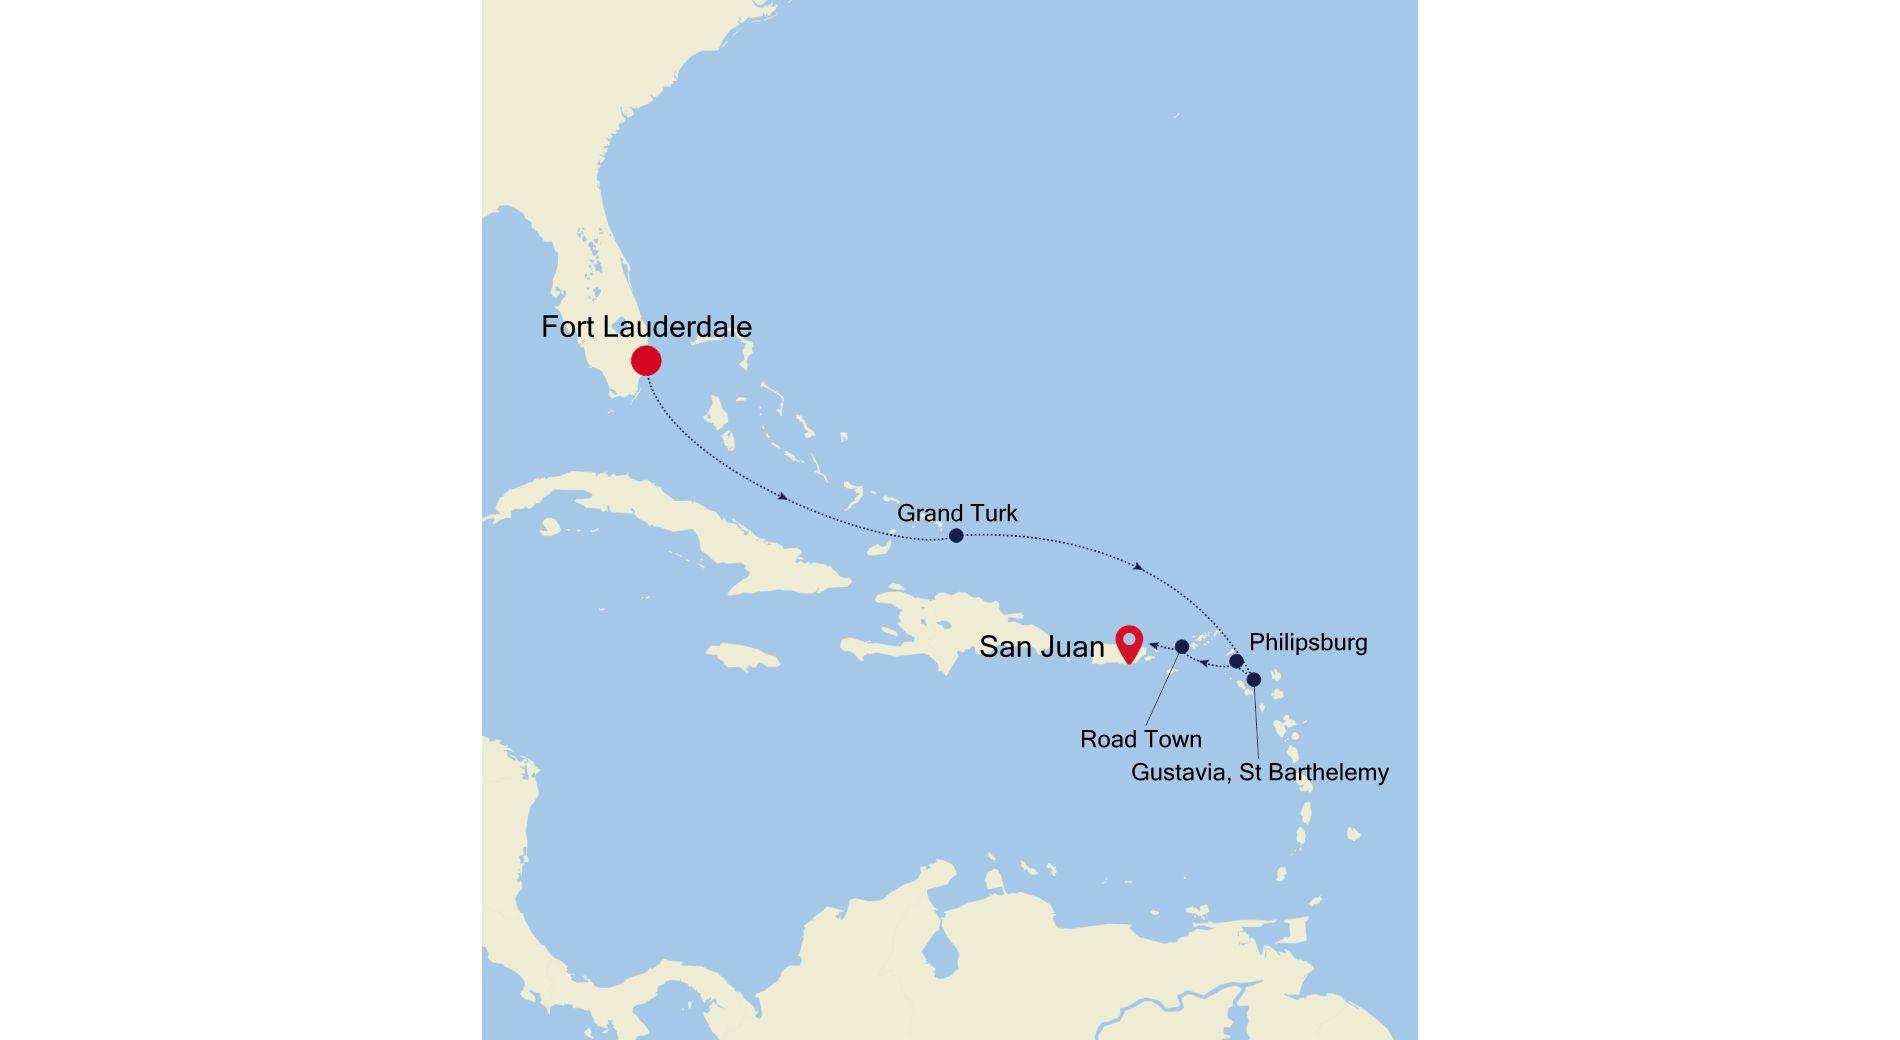 3934 - Fort Lauderdale to San Juan